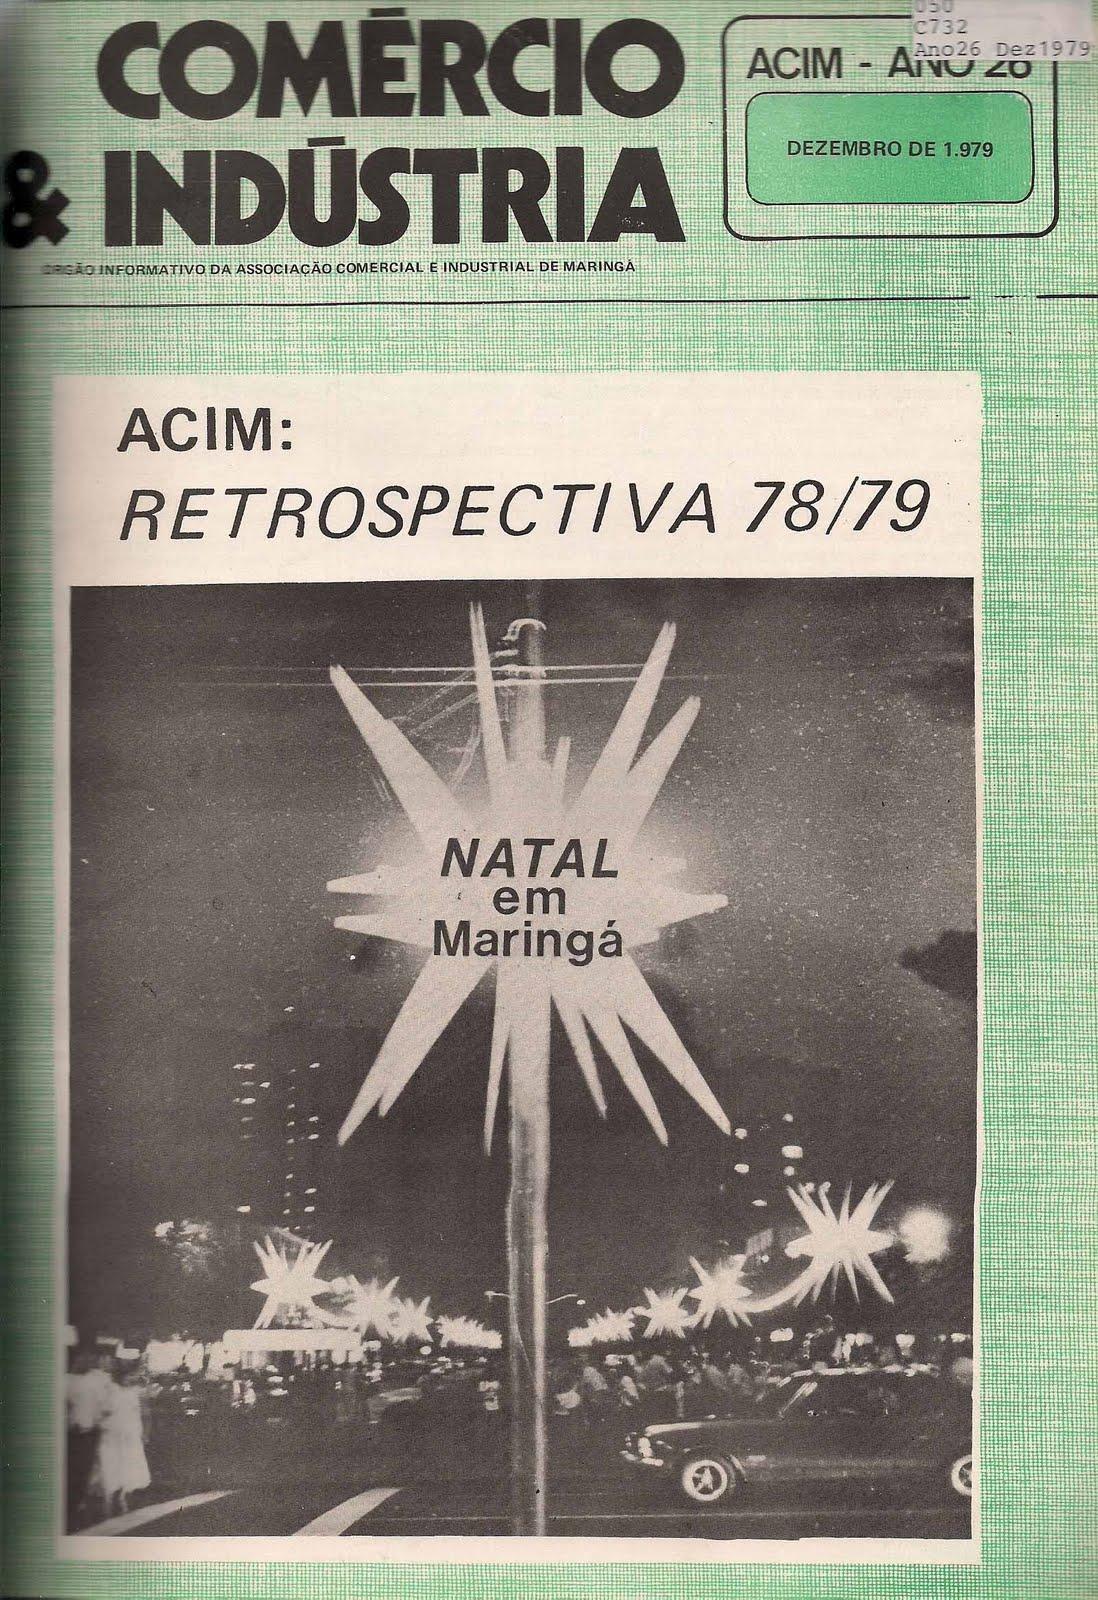 Revista ACIM - 47 anos de história